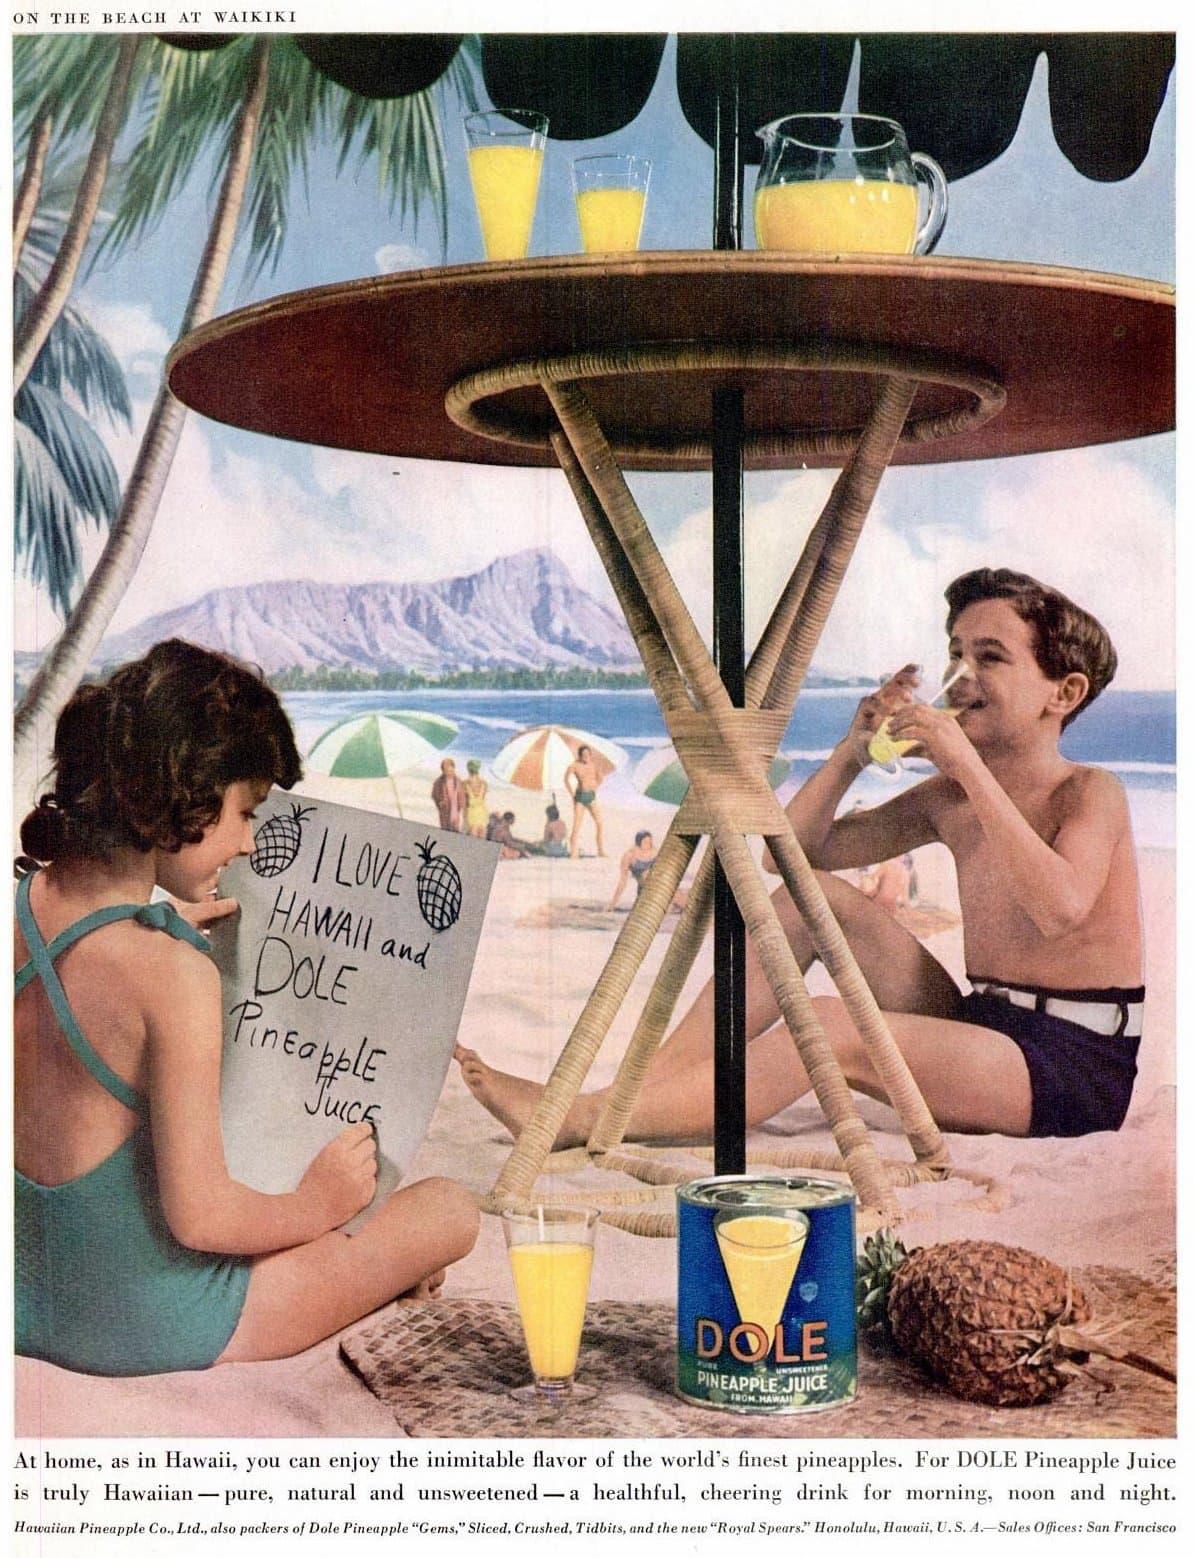 1938 Hawaii - Pineapple juice